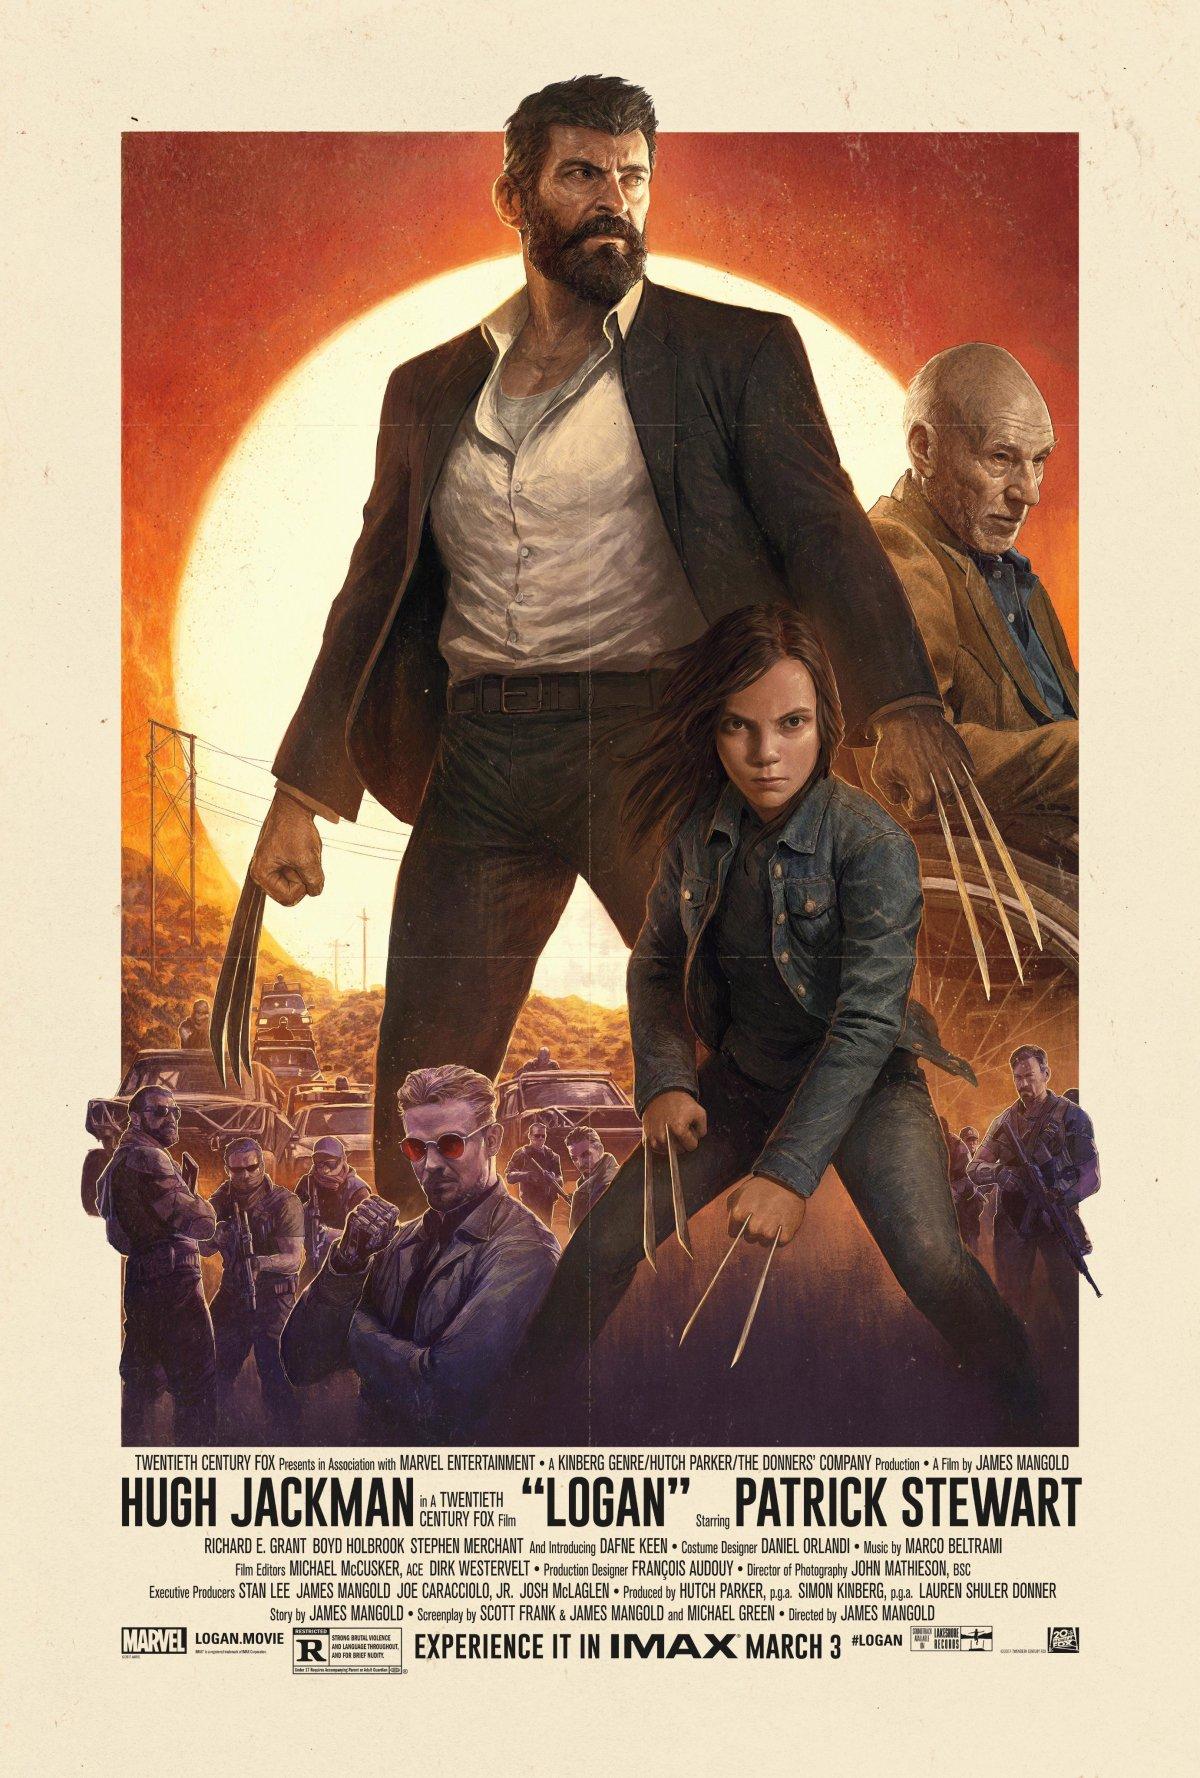 Logan (2017, dir. JamesMangold)